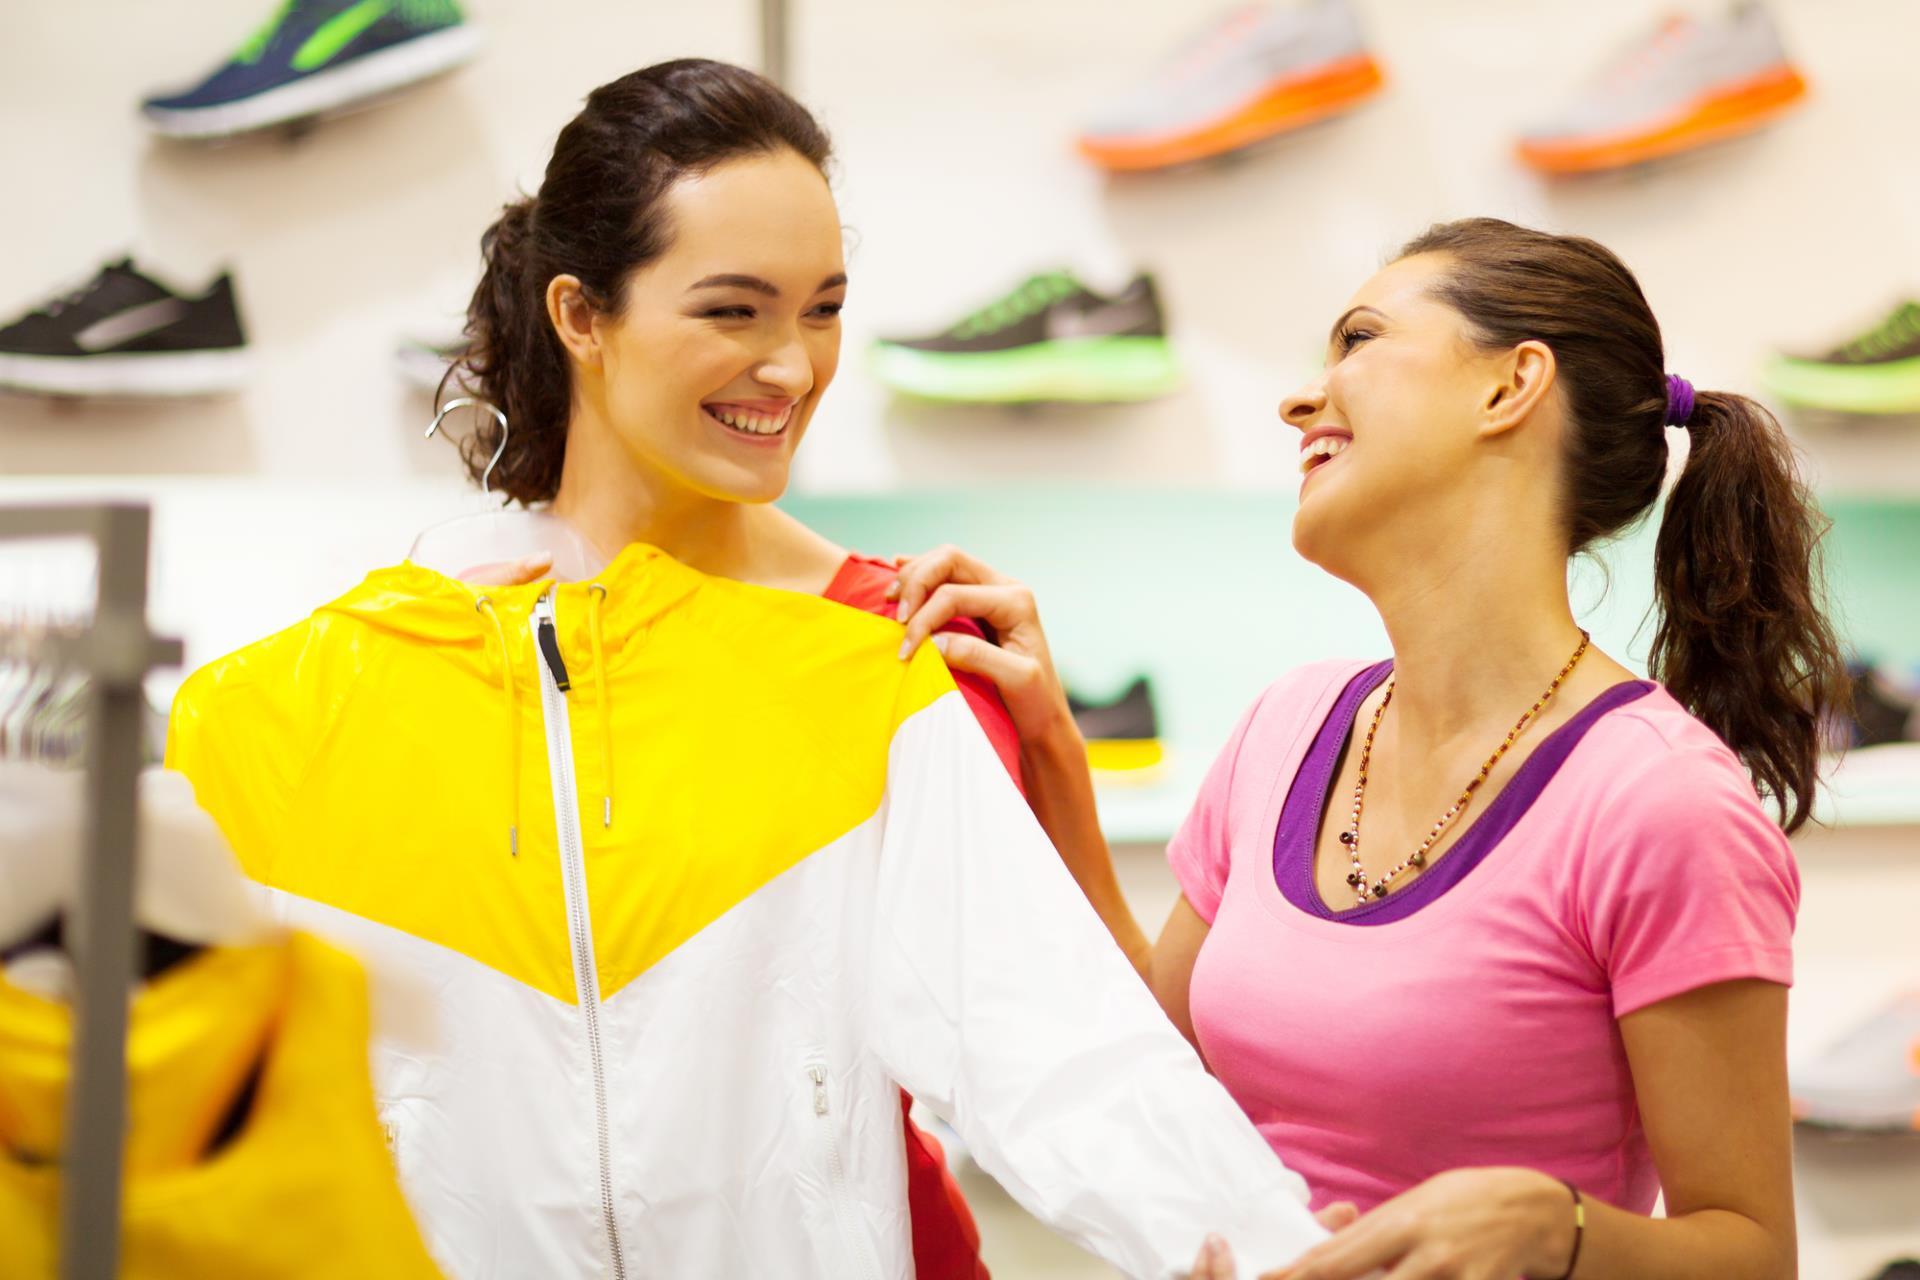 Sportbekleidung für Training und Fitness